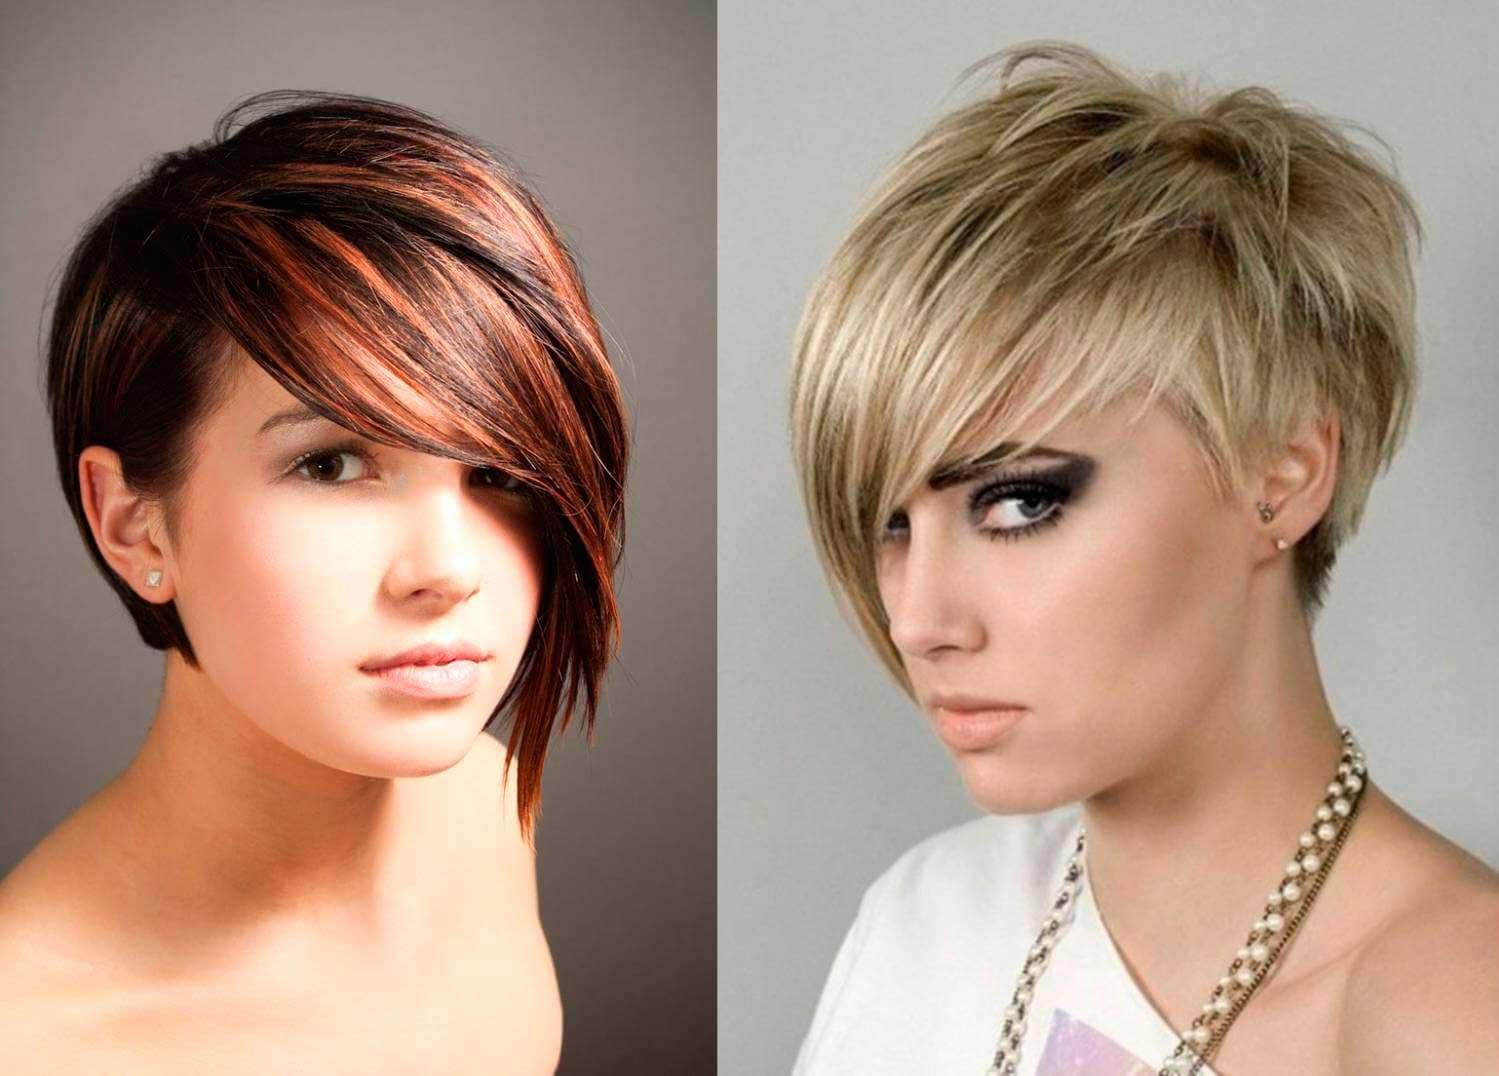 image70-1 | Модные женские стрижки на короткие волосы: основные правила и варианты исполнения